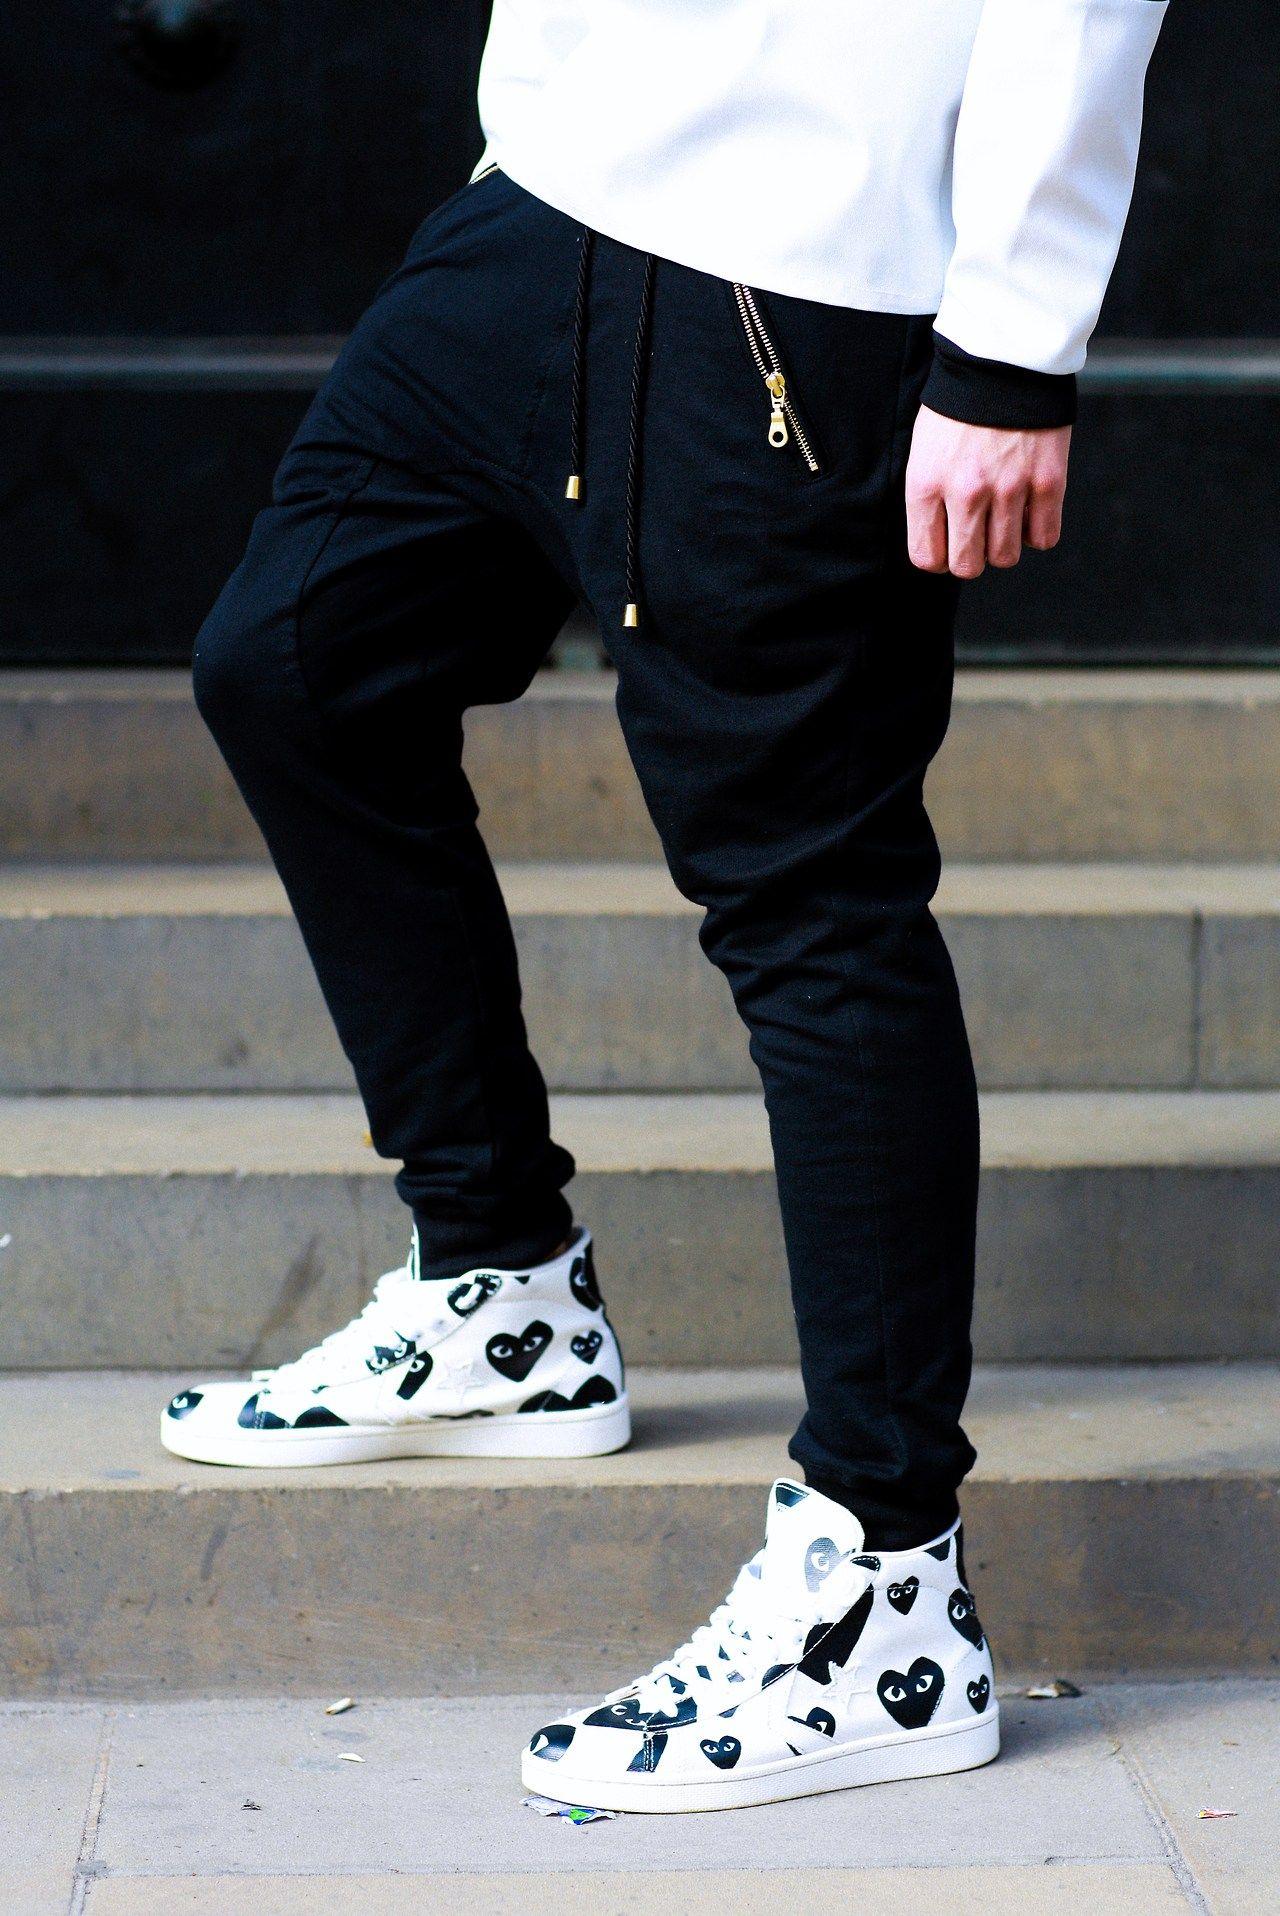 Cadera Desgracia Tierras altas  Comme Des Garcons #fashion #sneakers